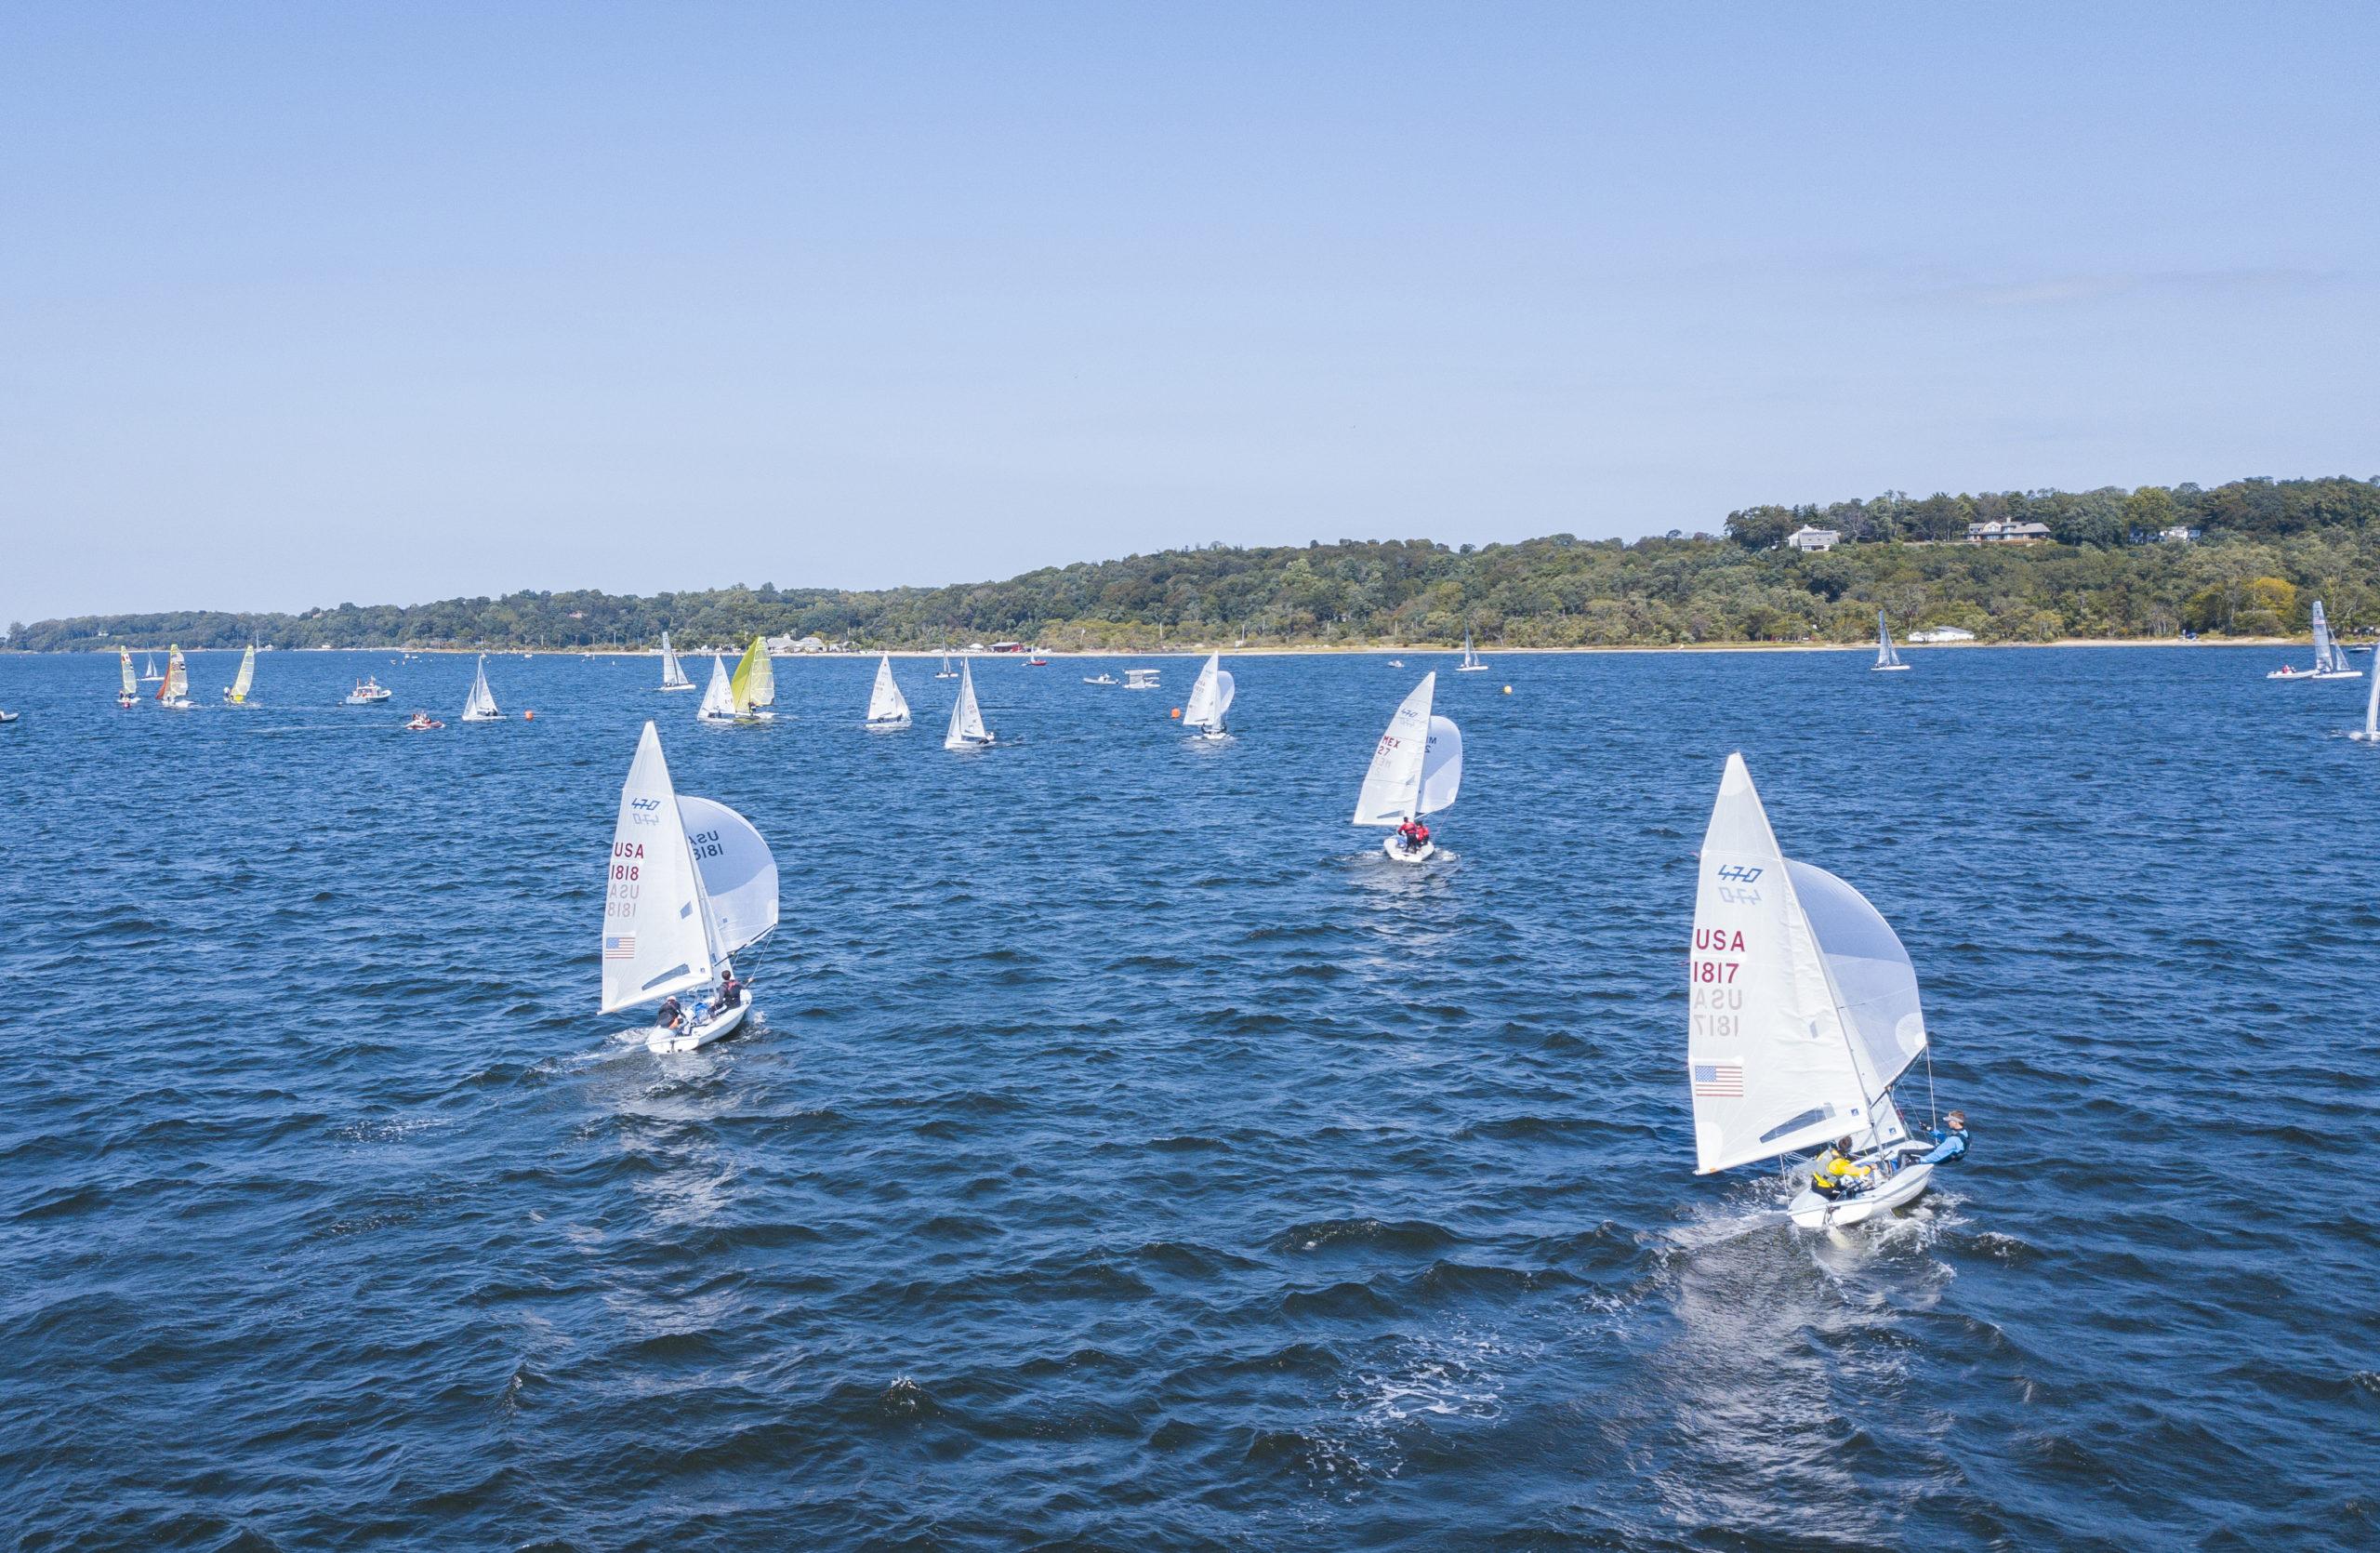 tripple crown fleet racing